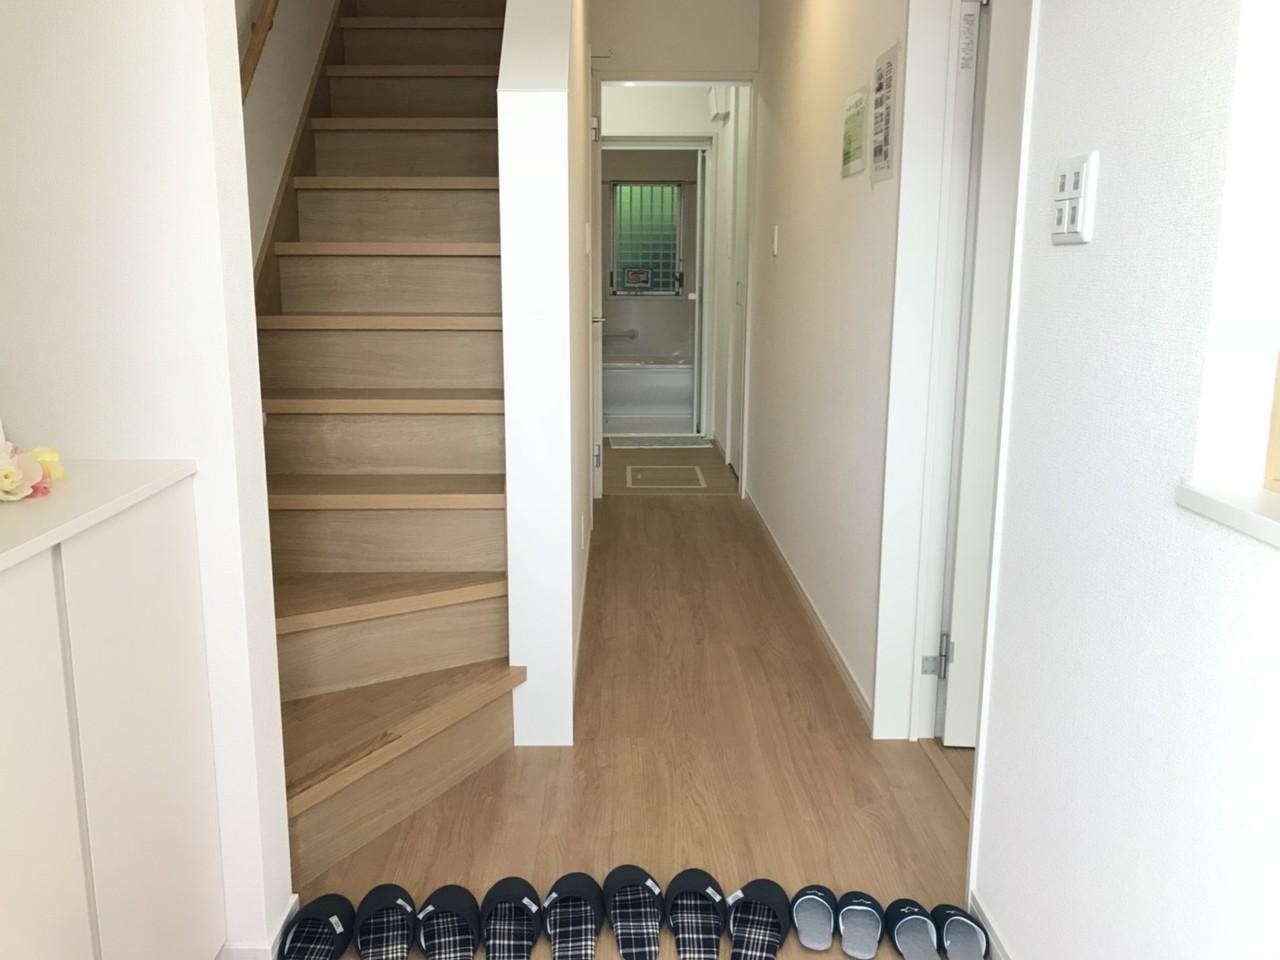 ◎靴の収納付で、幅広の玄関なのでお出かけの時もゆとりがありますね♪